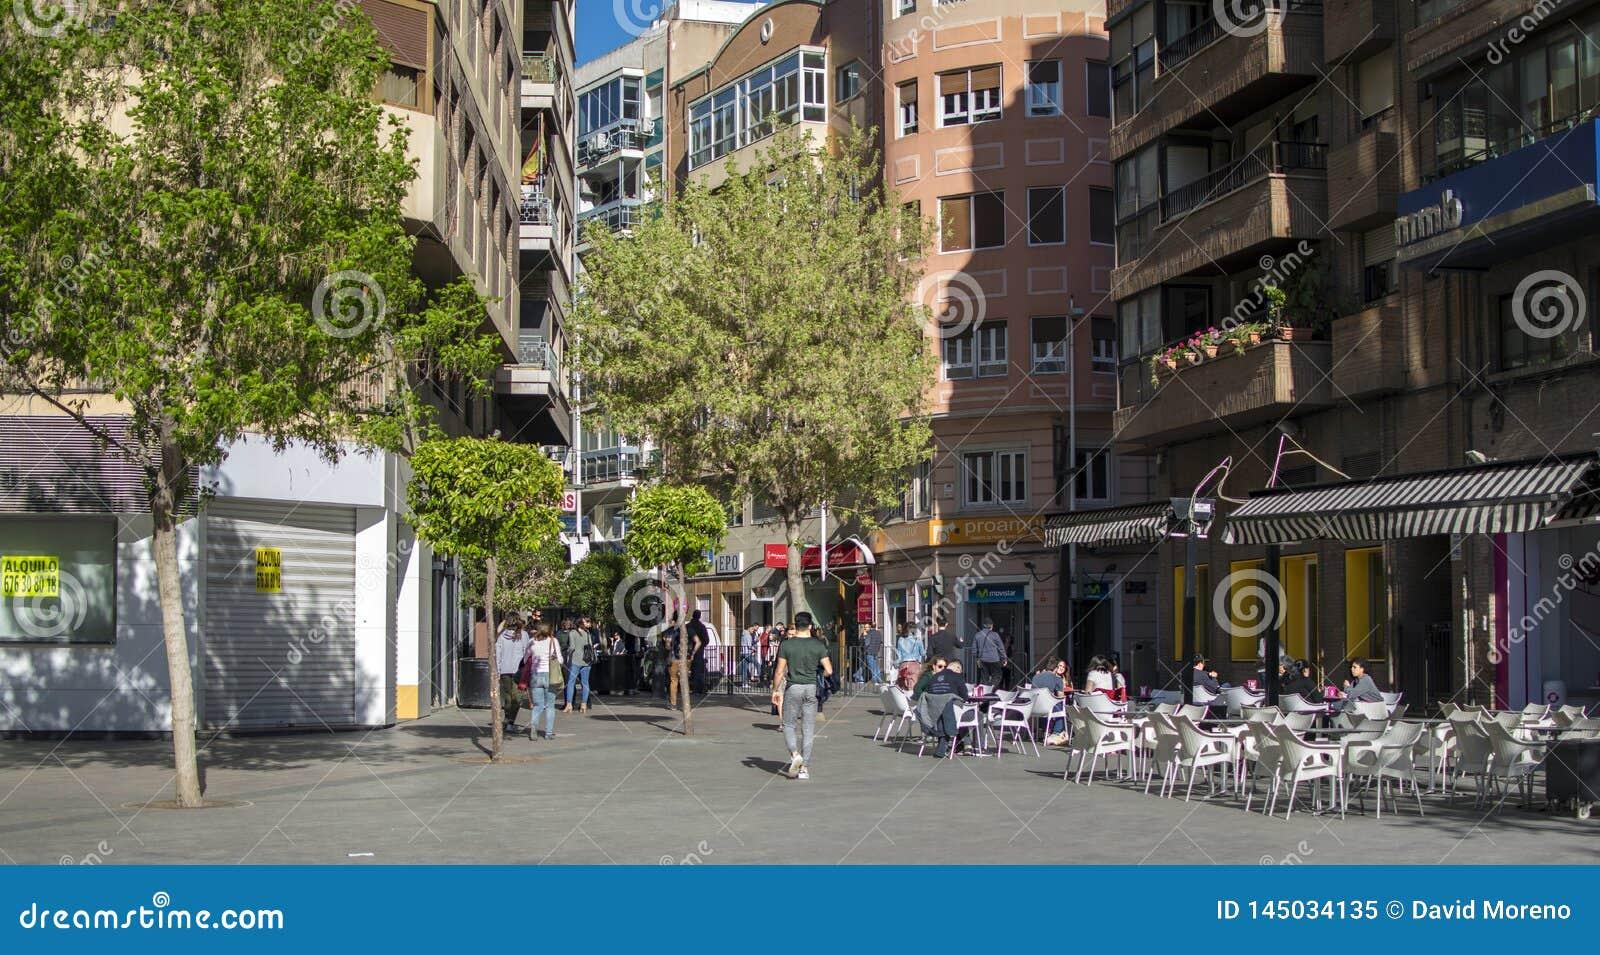 Calles y edificios en el centro históricos de la ciudad de Murcia